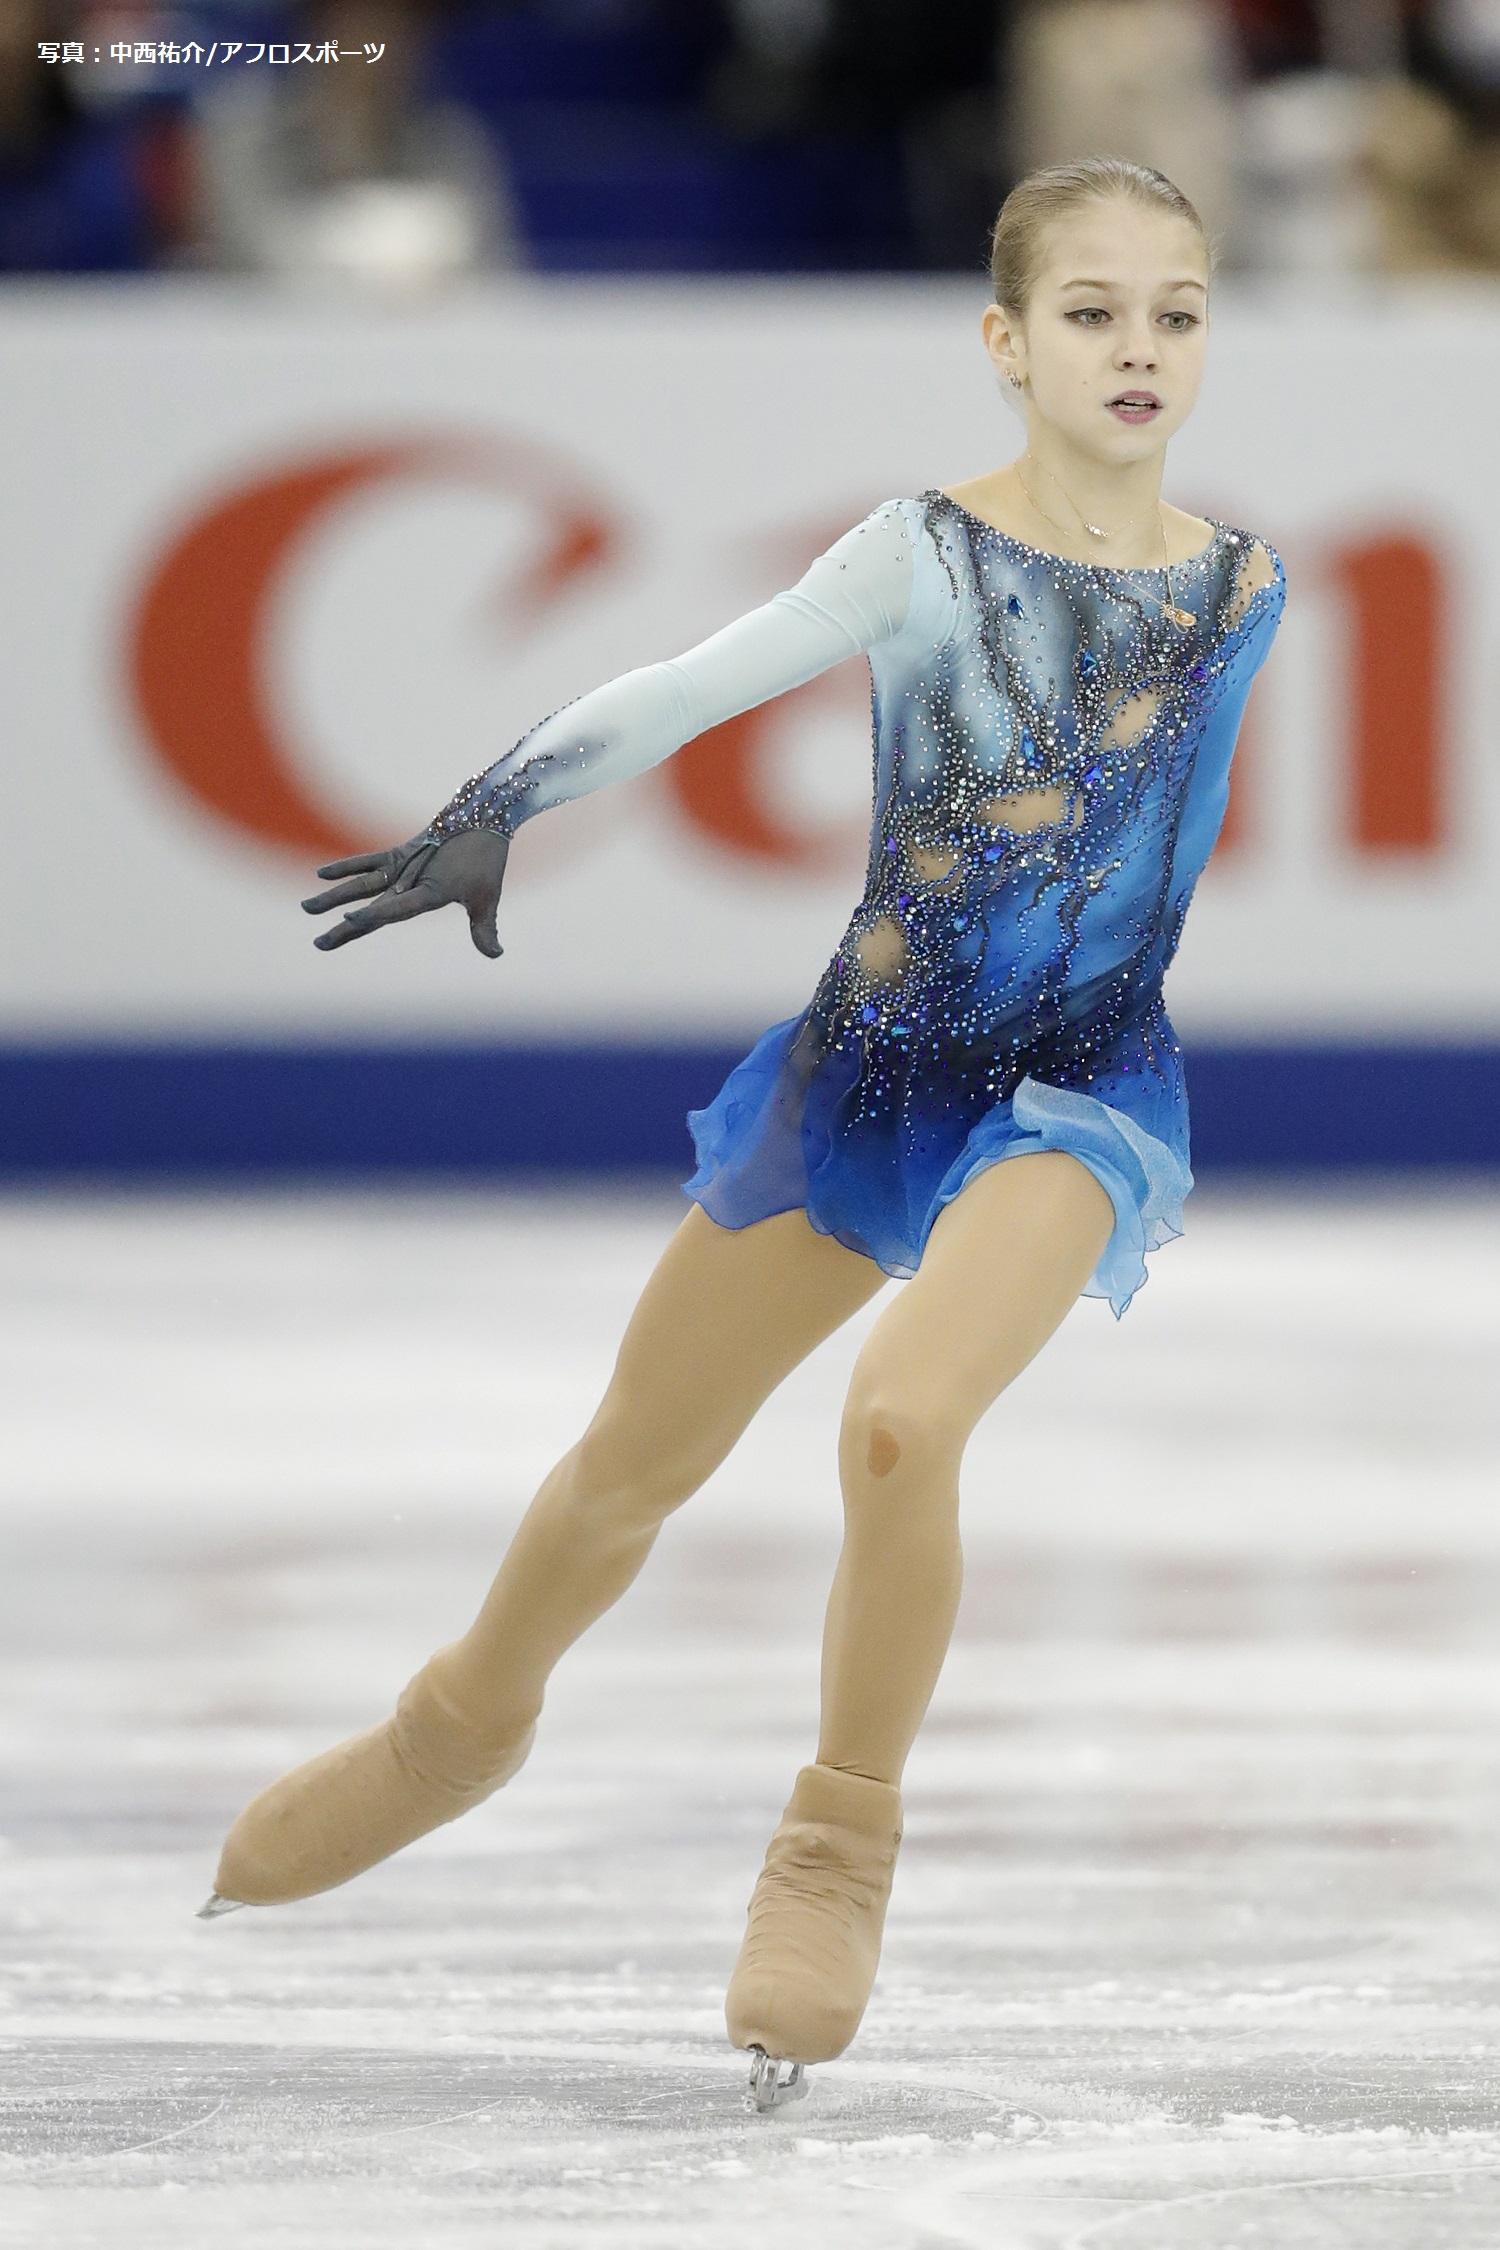 ユリア・ソルダトワ - Julia Soldatova - JapaneseClass.jp